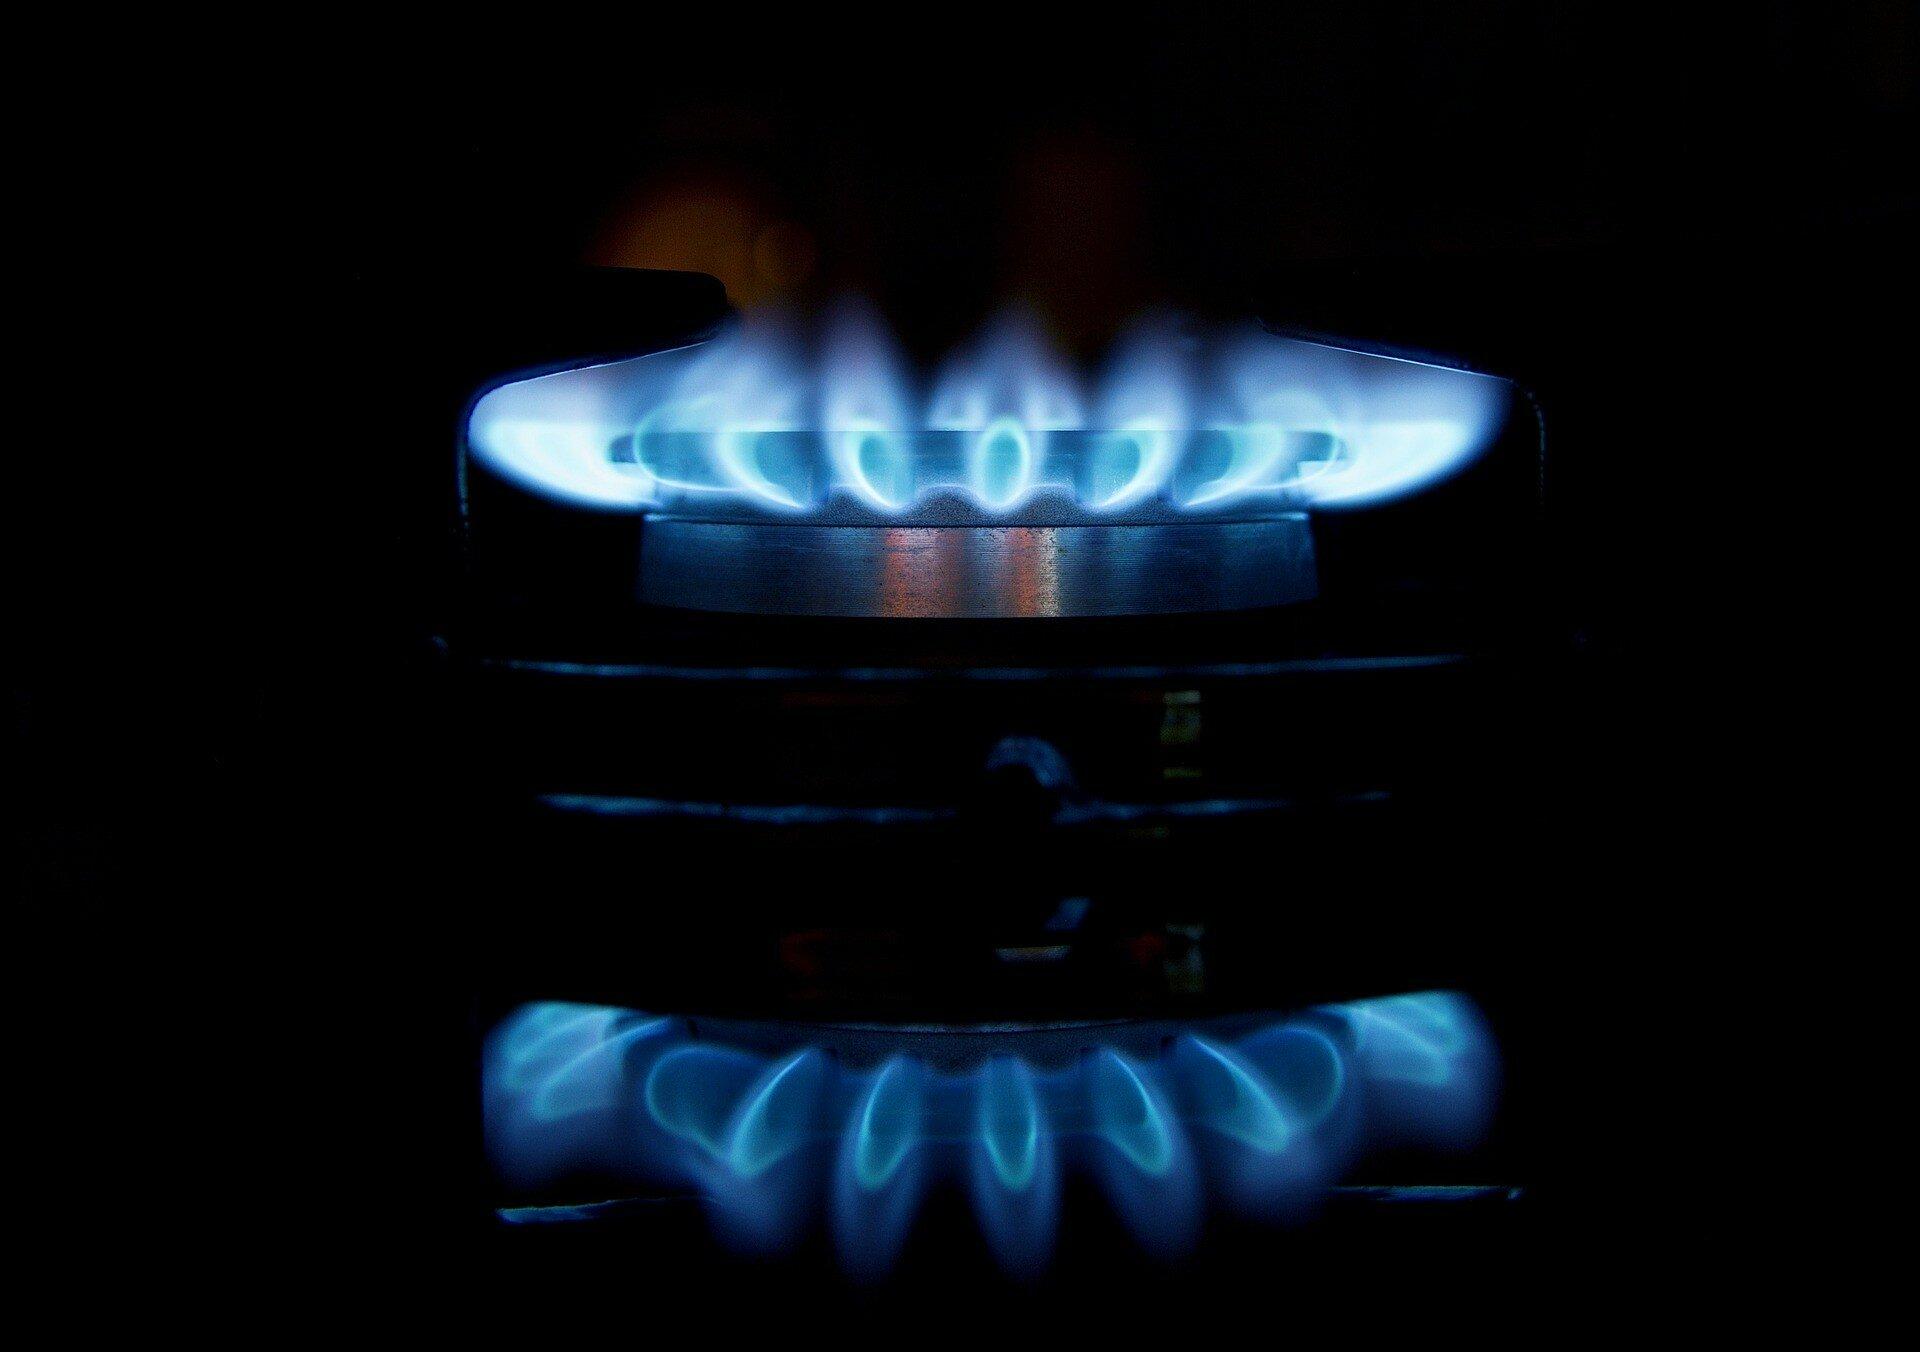 Какой будет годовая цена на газ для населения с 1 мая